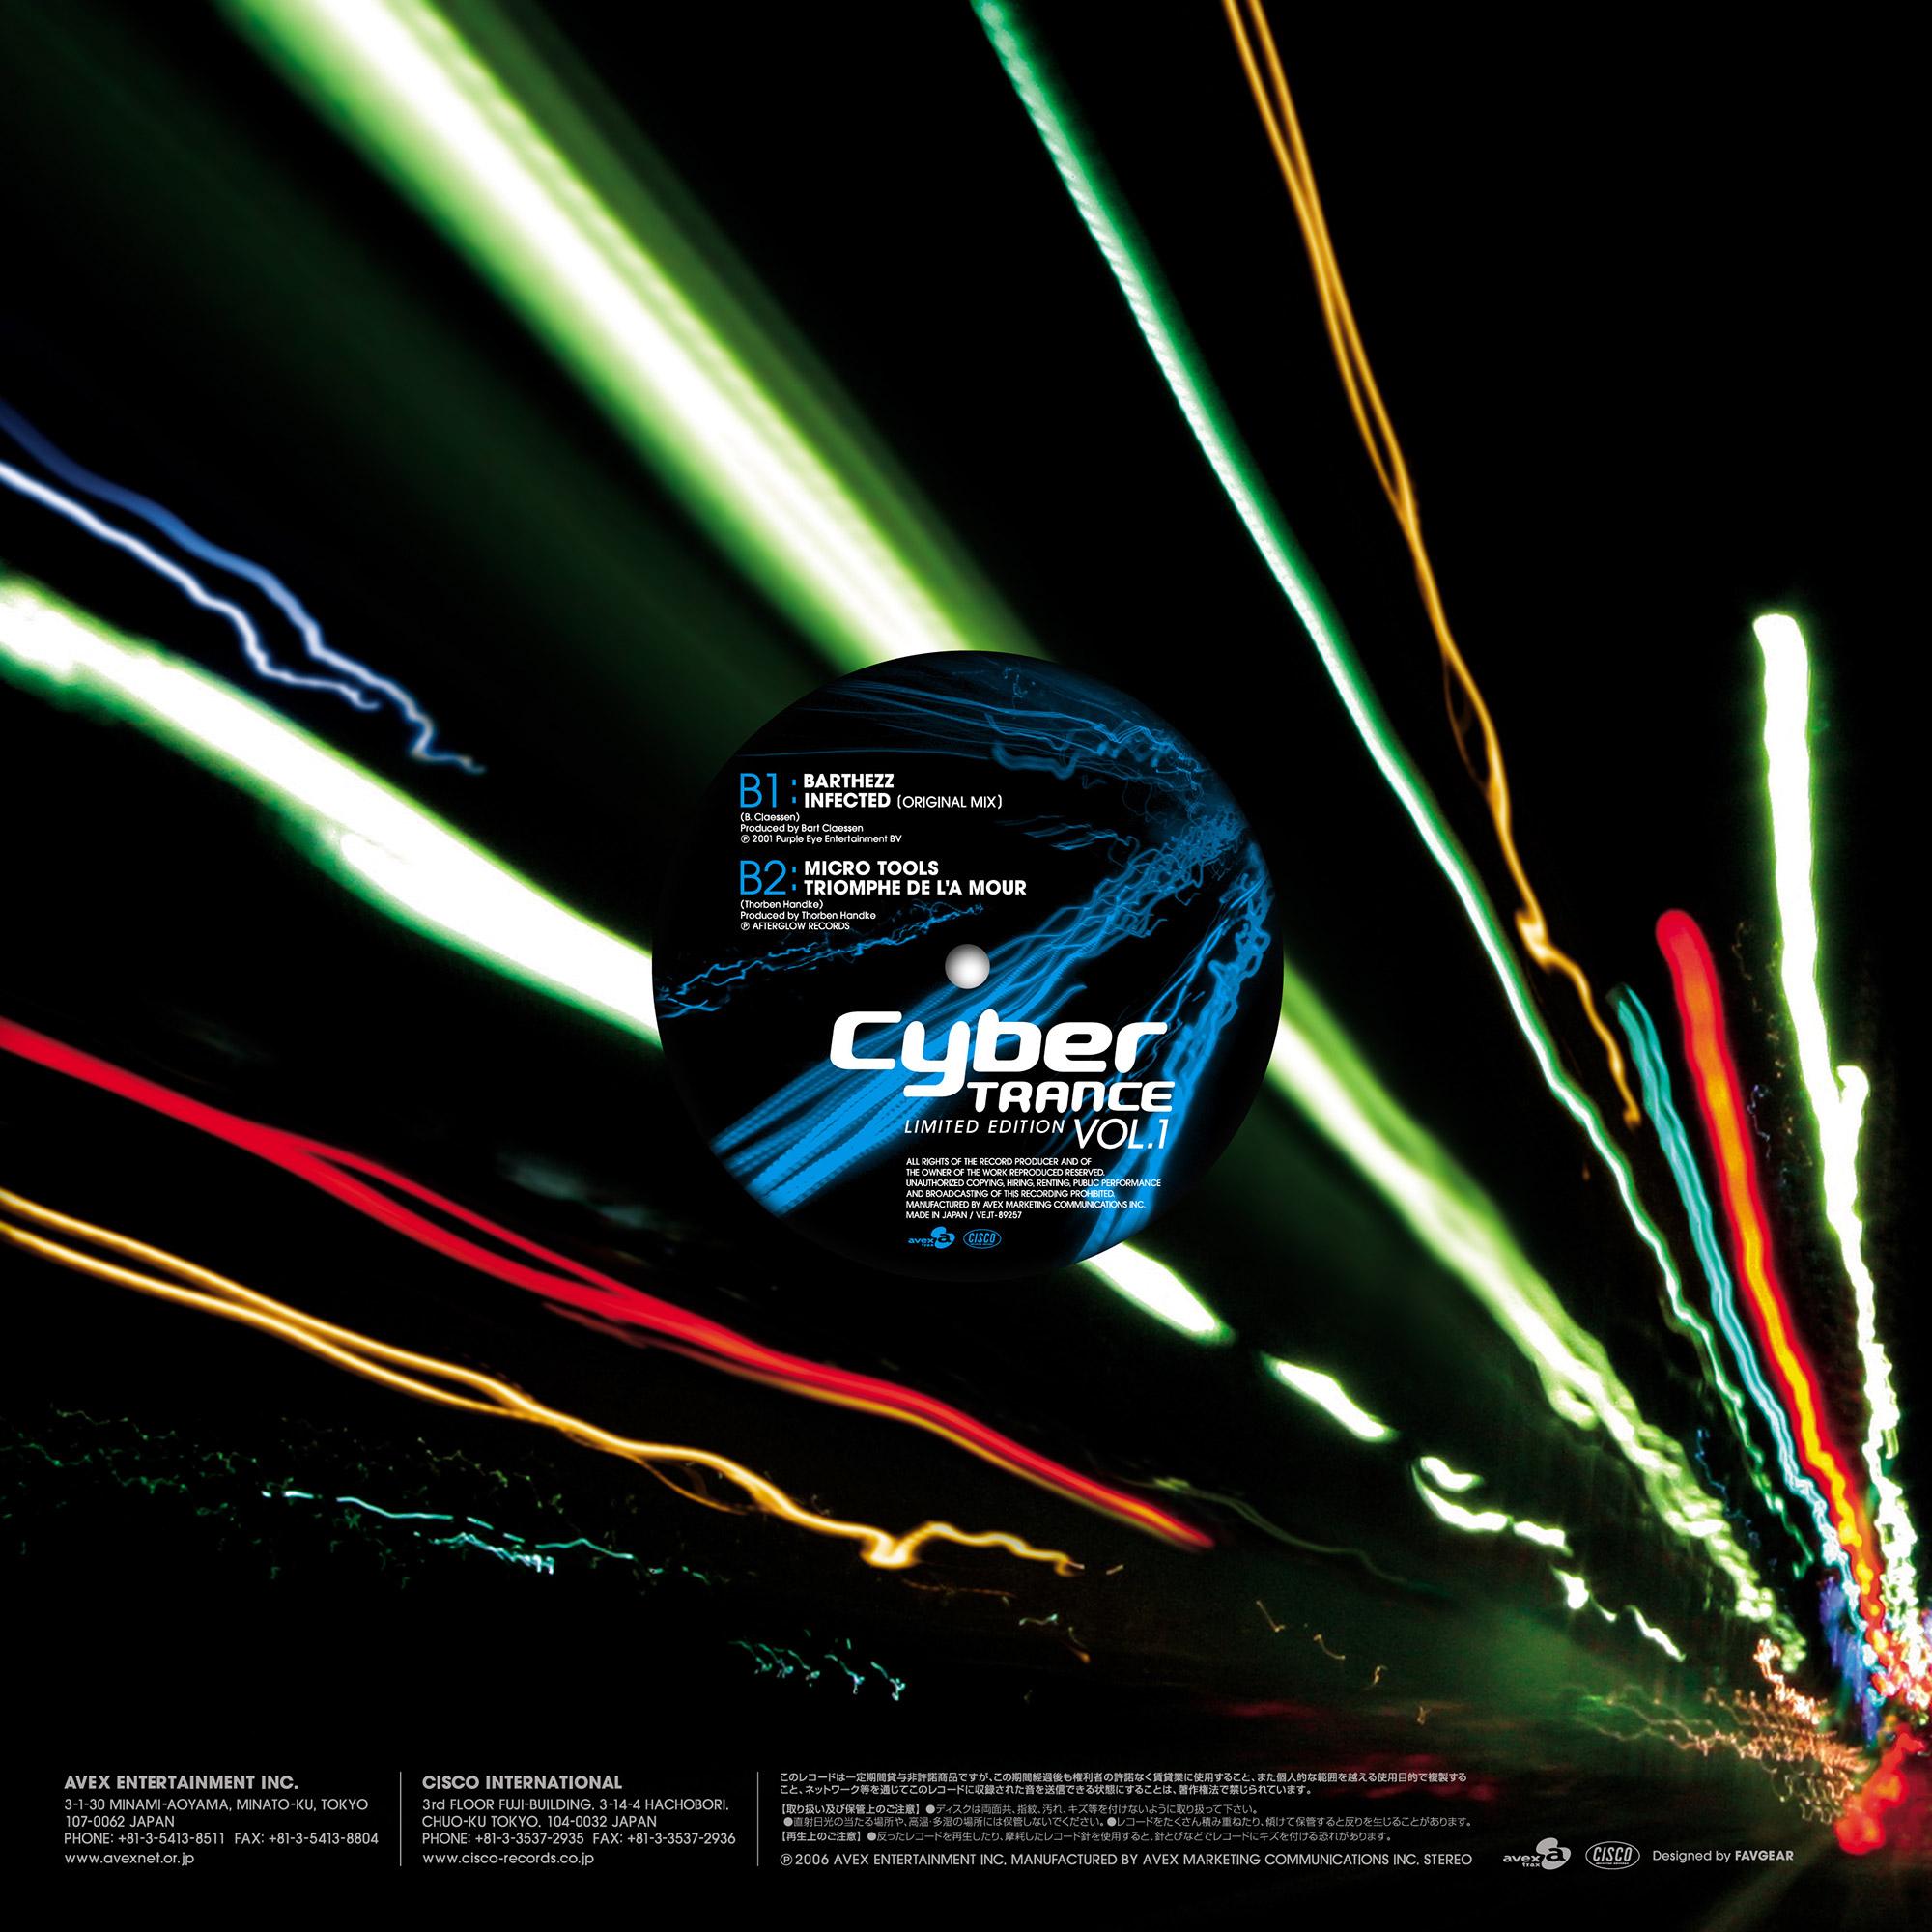 Cyber_LE_vol1_02